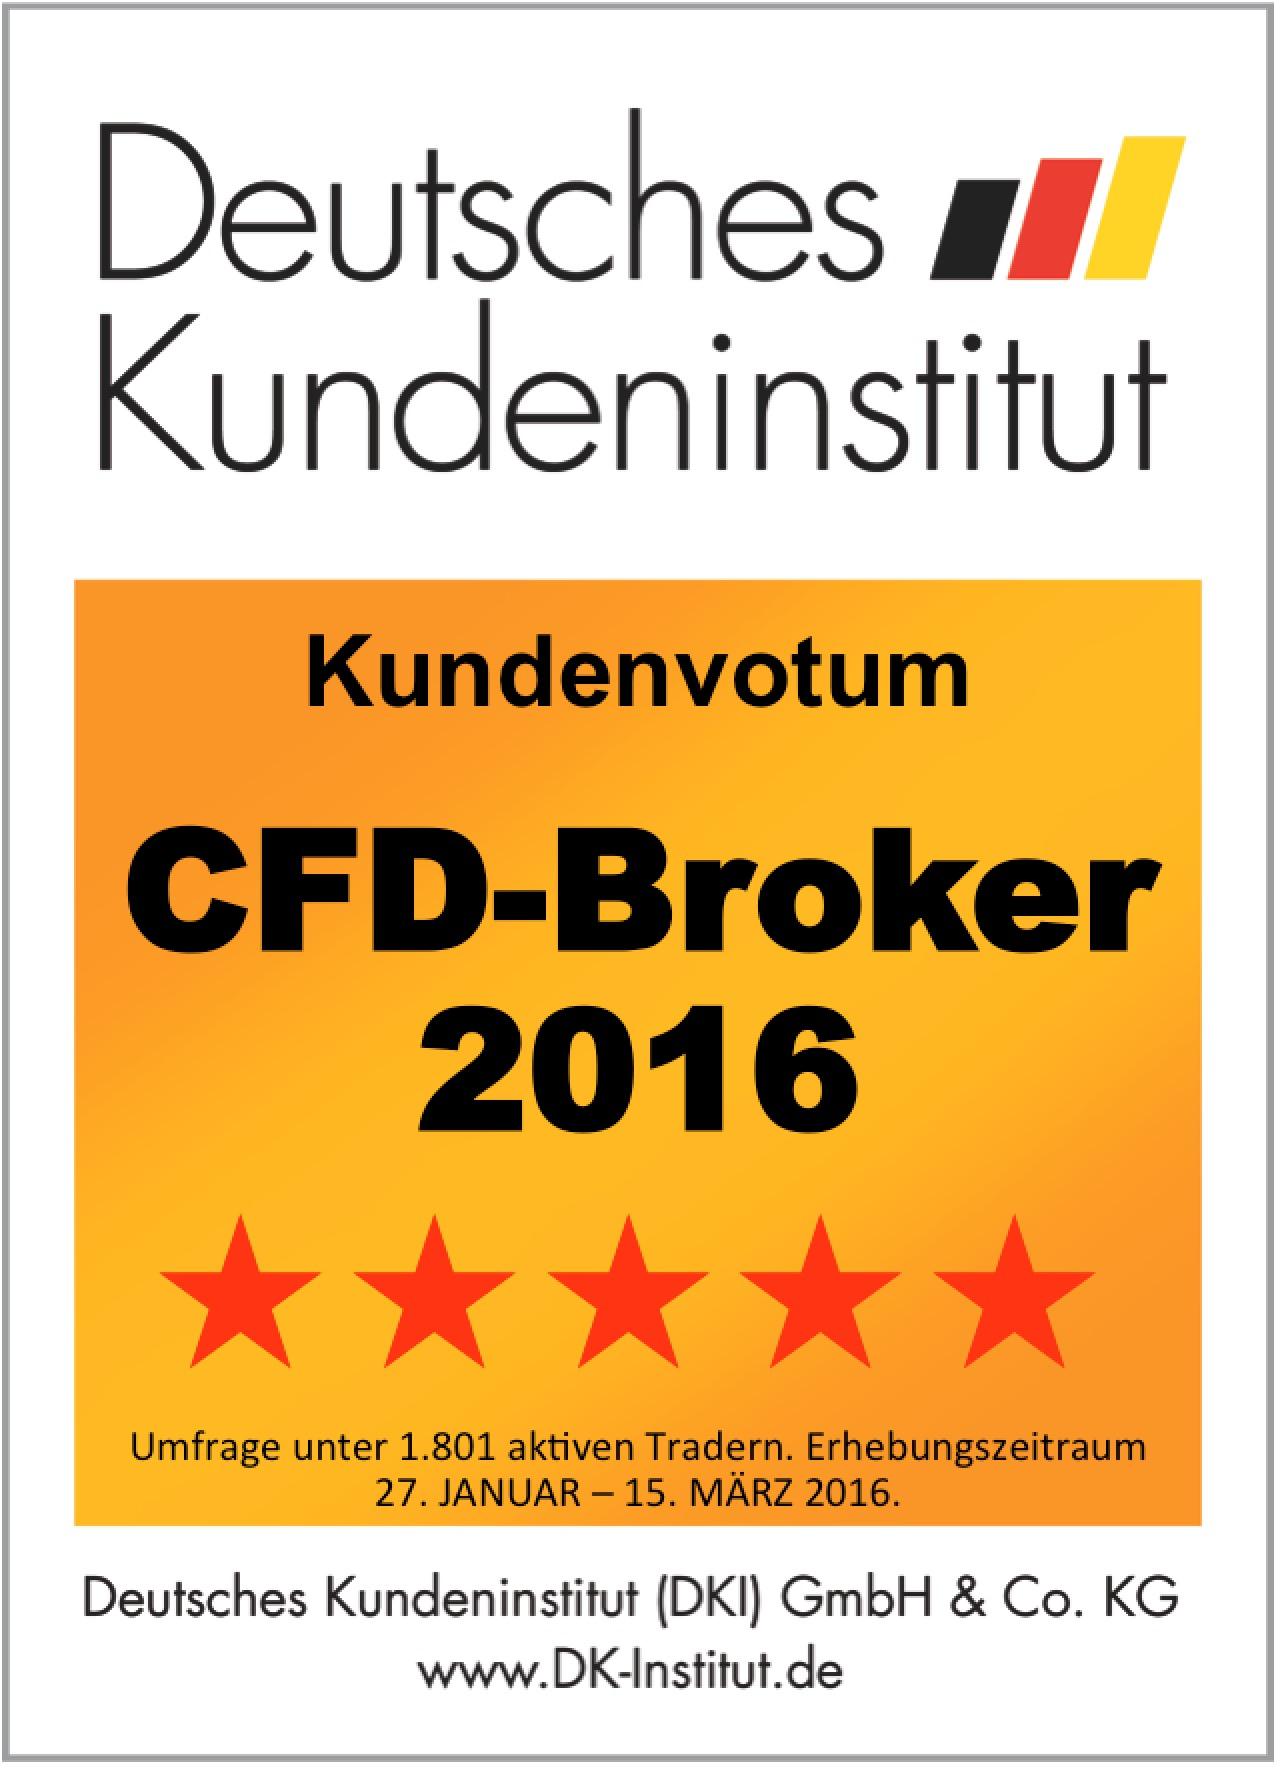 Bester CFD Broker 2016 - 5 Sterne für Admiral Markets UK